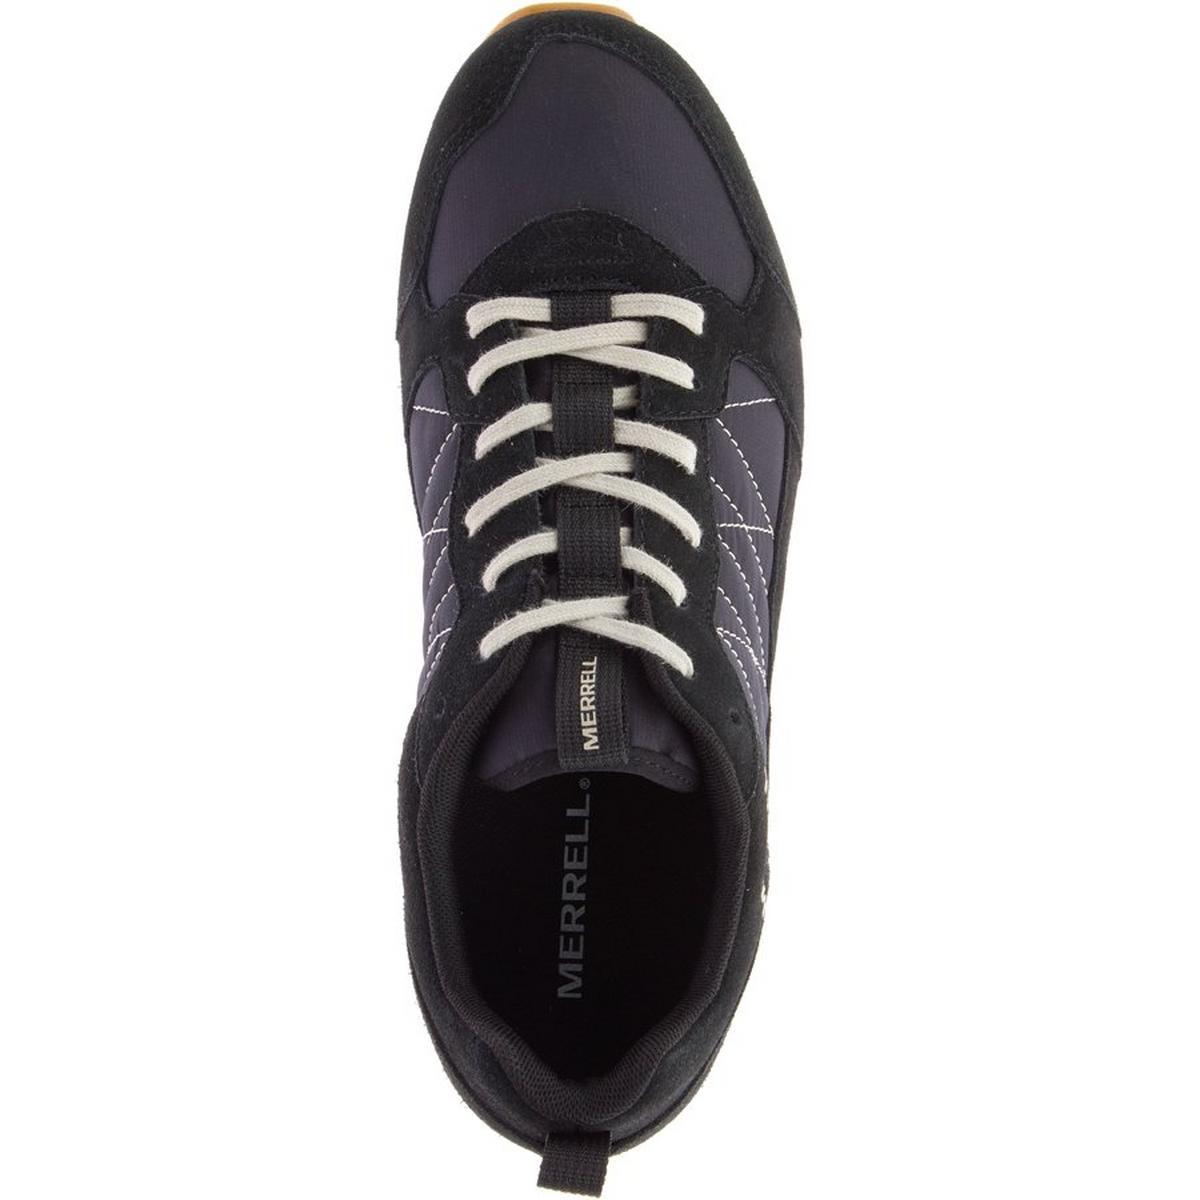 Merrell Men's Alpine Sneaker Shoe